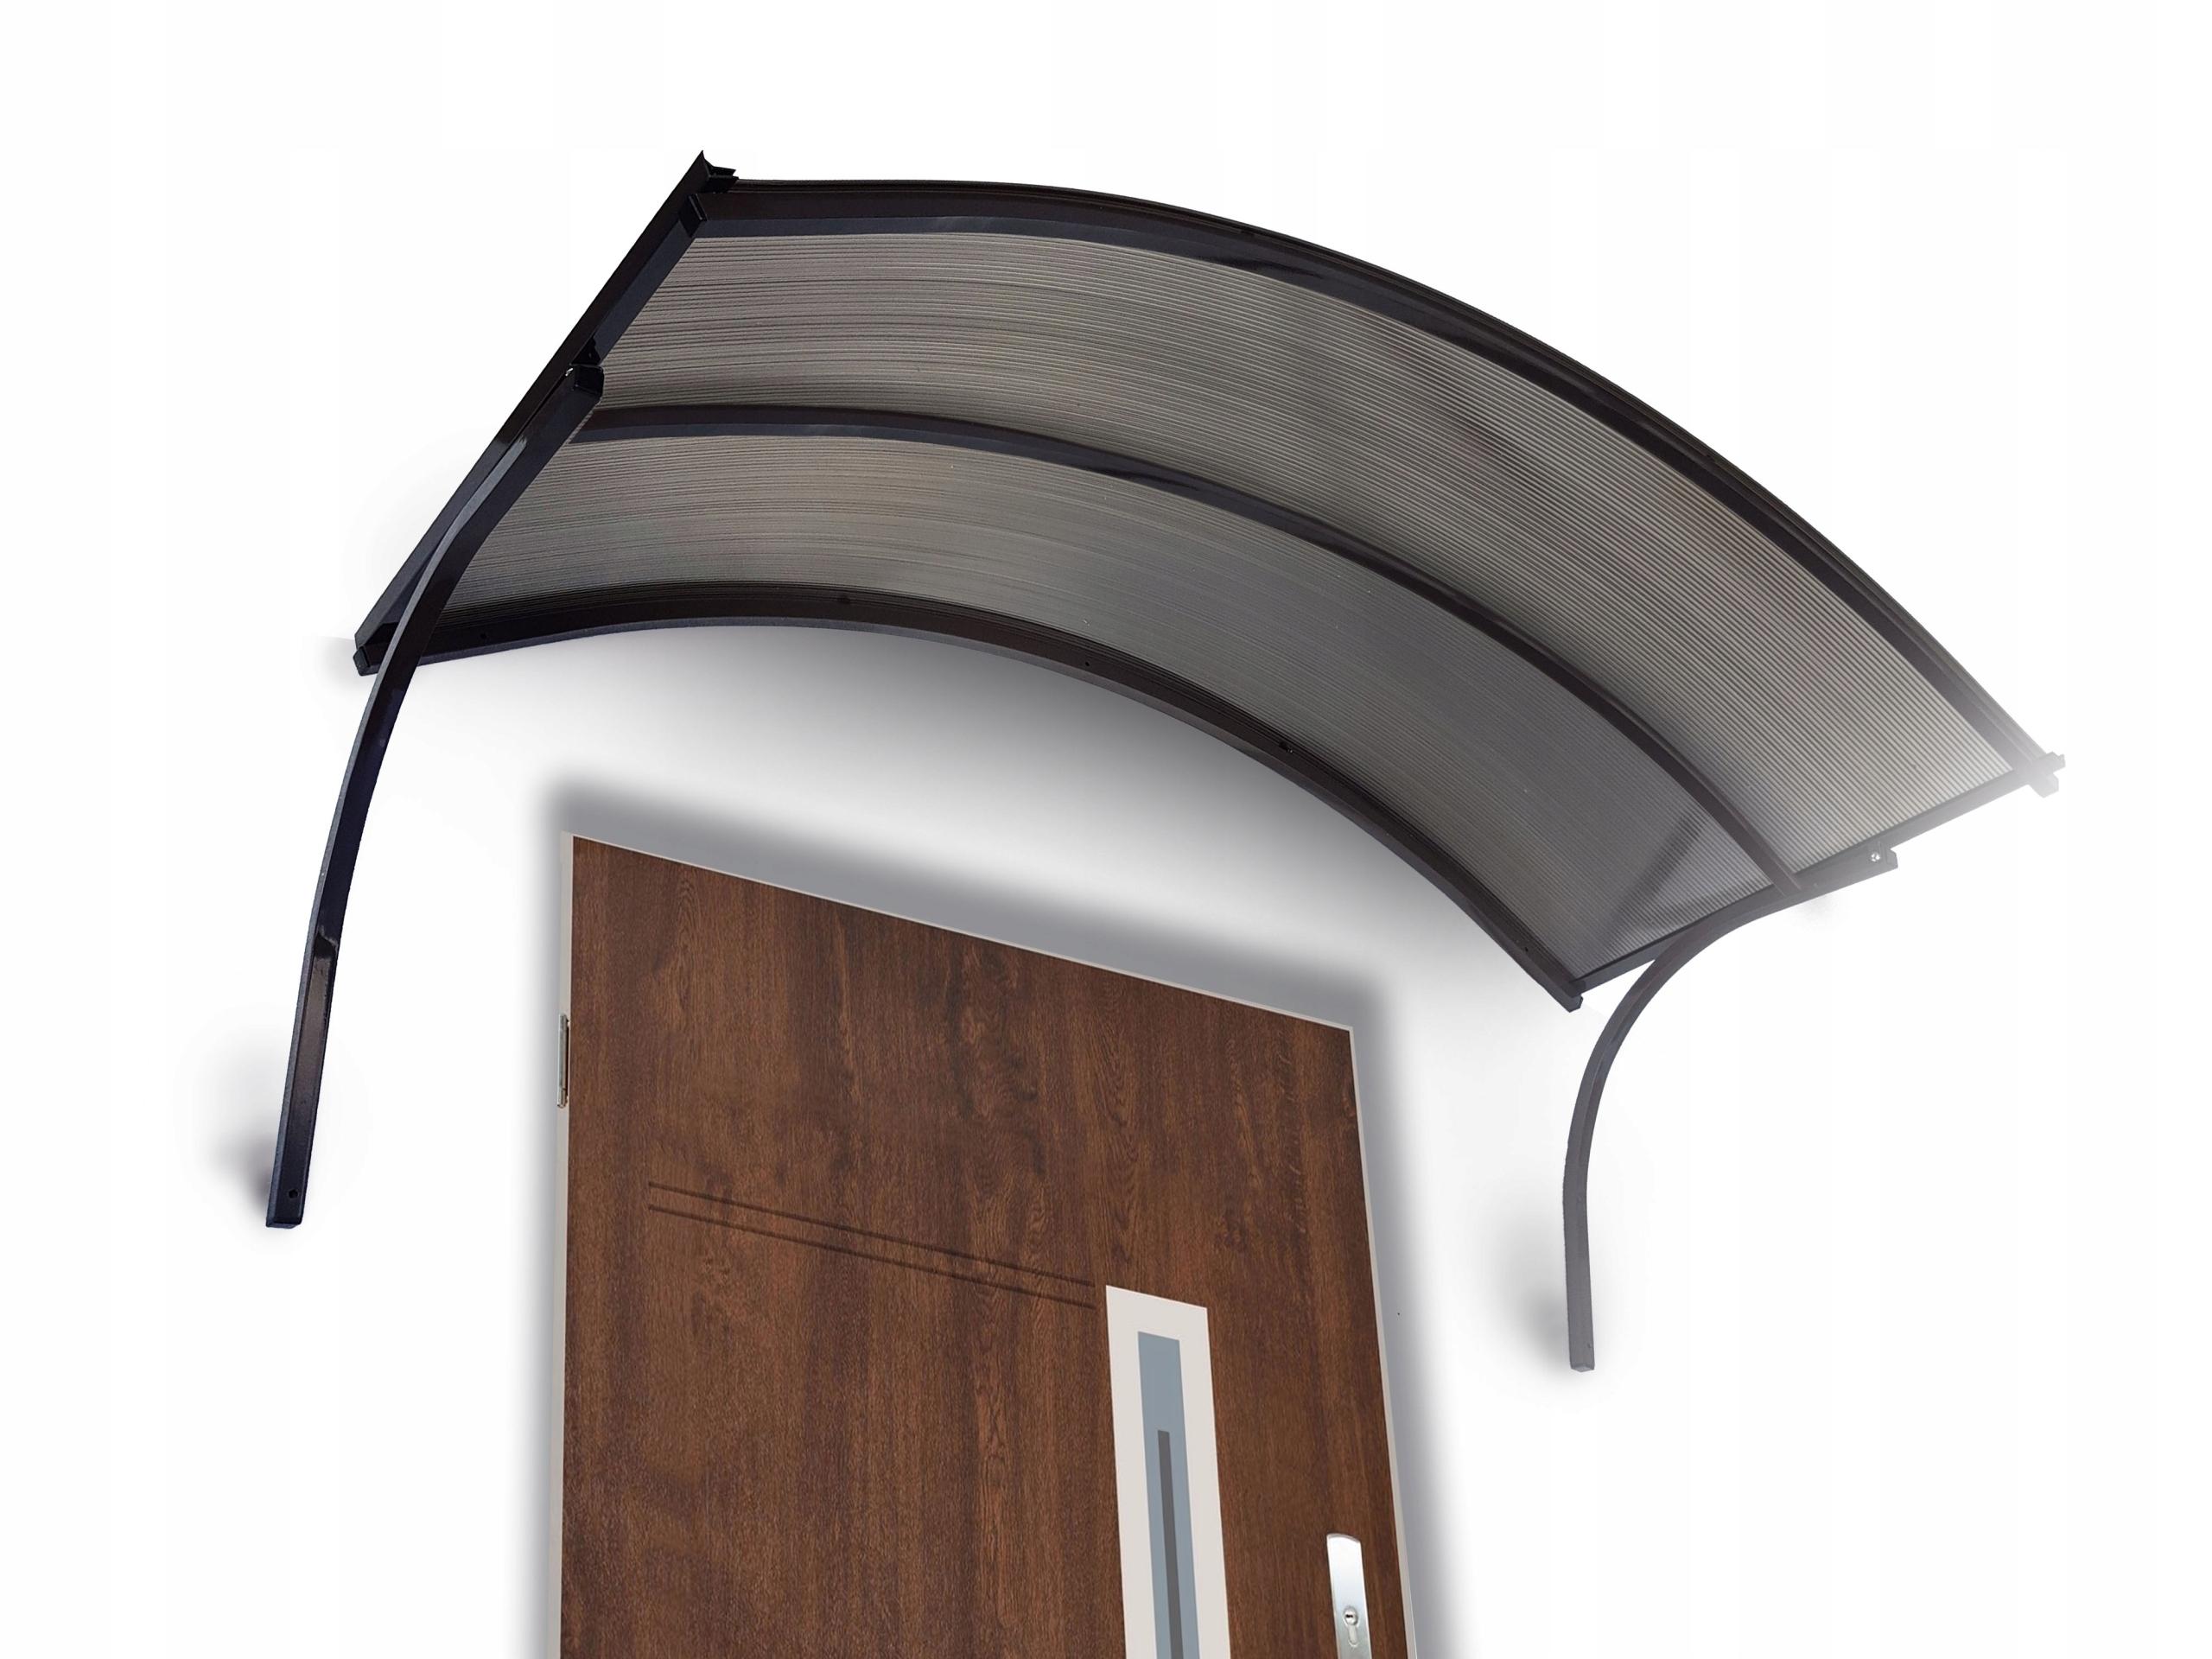 Strieška nad dvere, strieška, alu 150x25x90